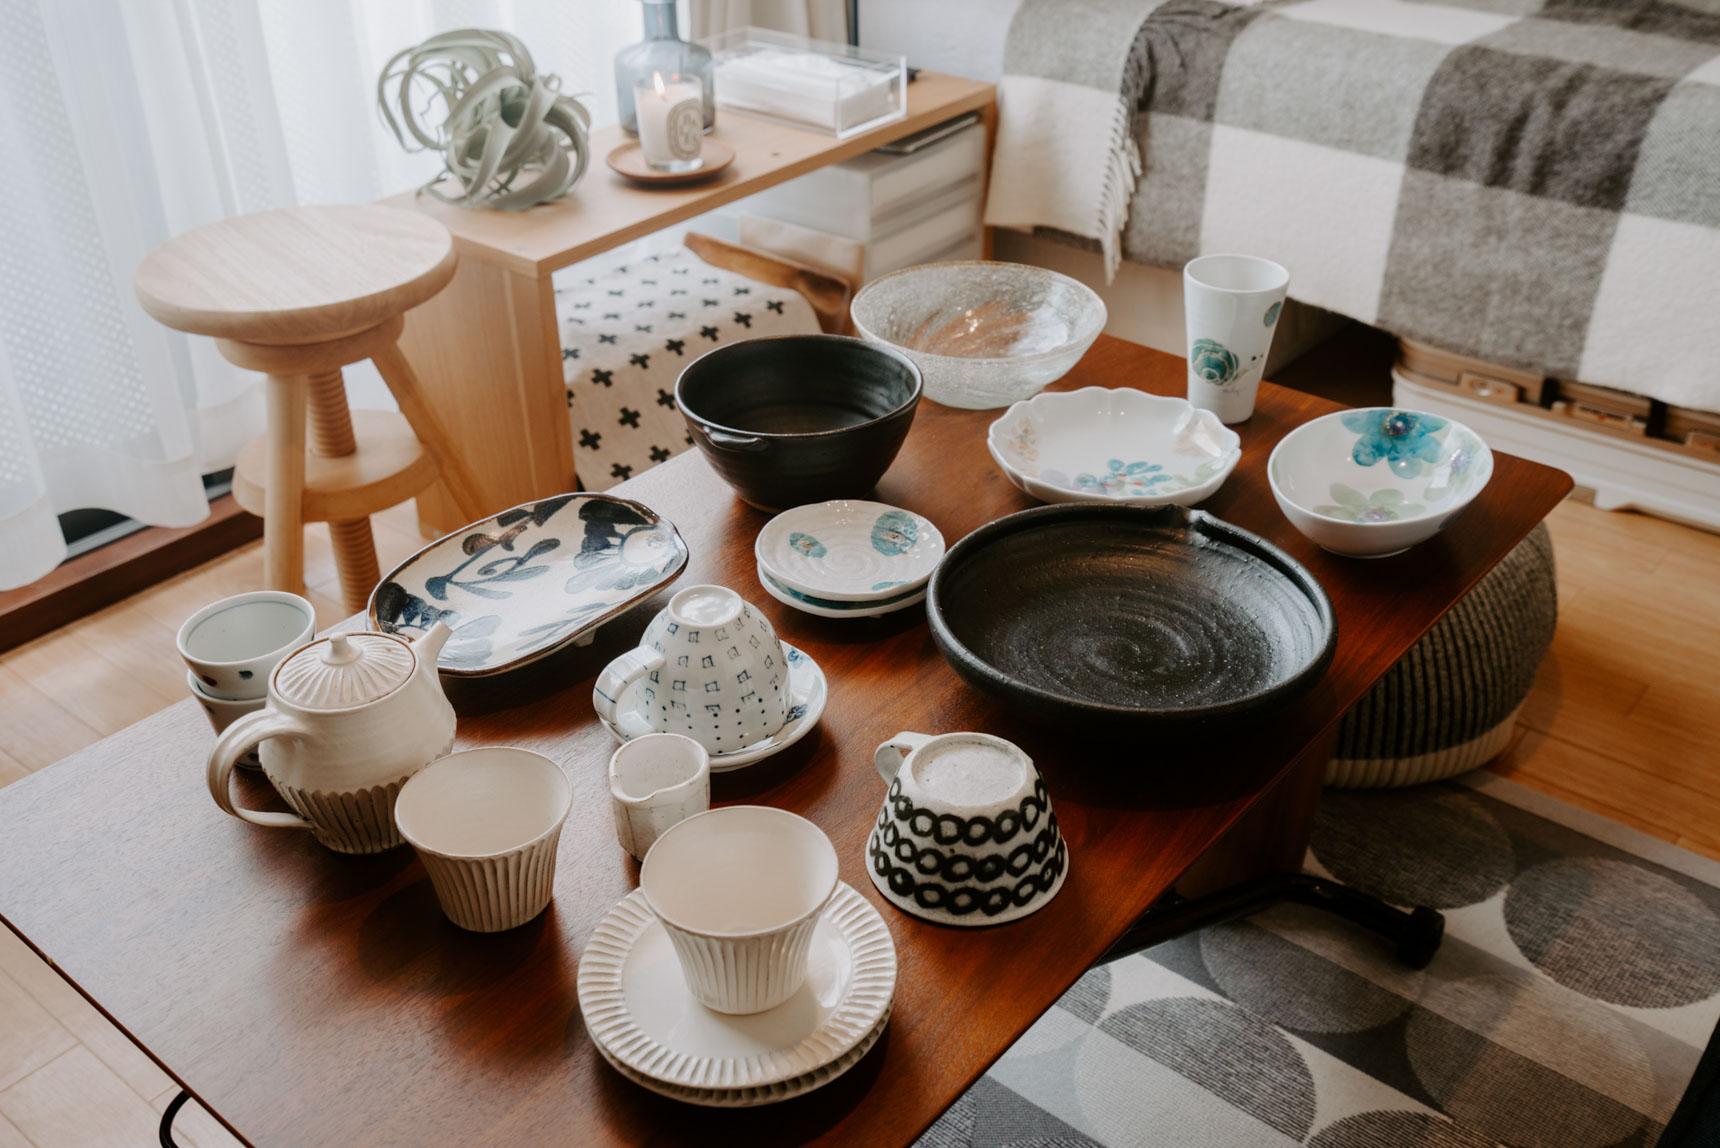 大好きな器も、お気に入りのものがたくさん。地元の愛媛県で購入されたという砥部焼や、旅先で購入したものなど、思い出のつまったコレクションは、しまっておくのではなく、普段から使っています。